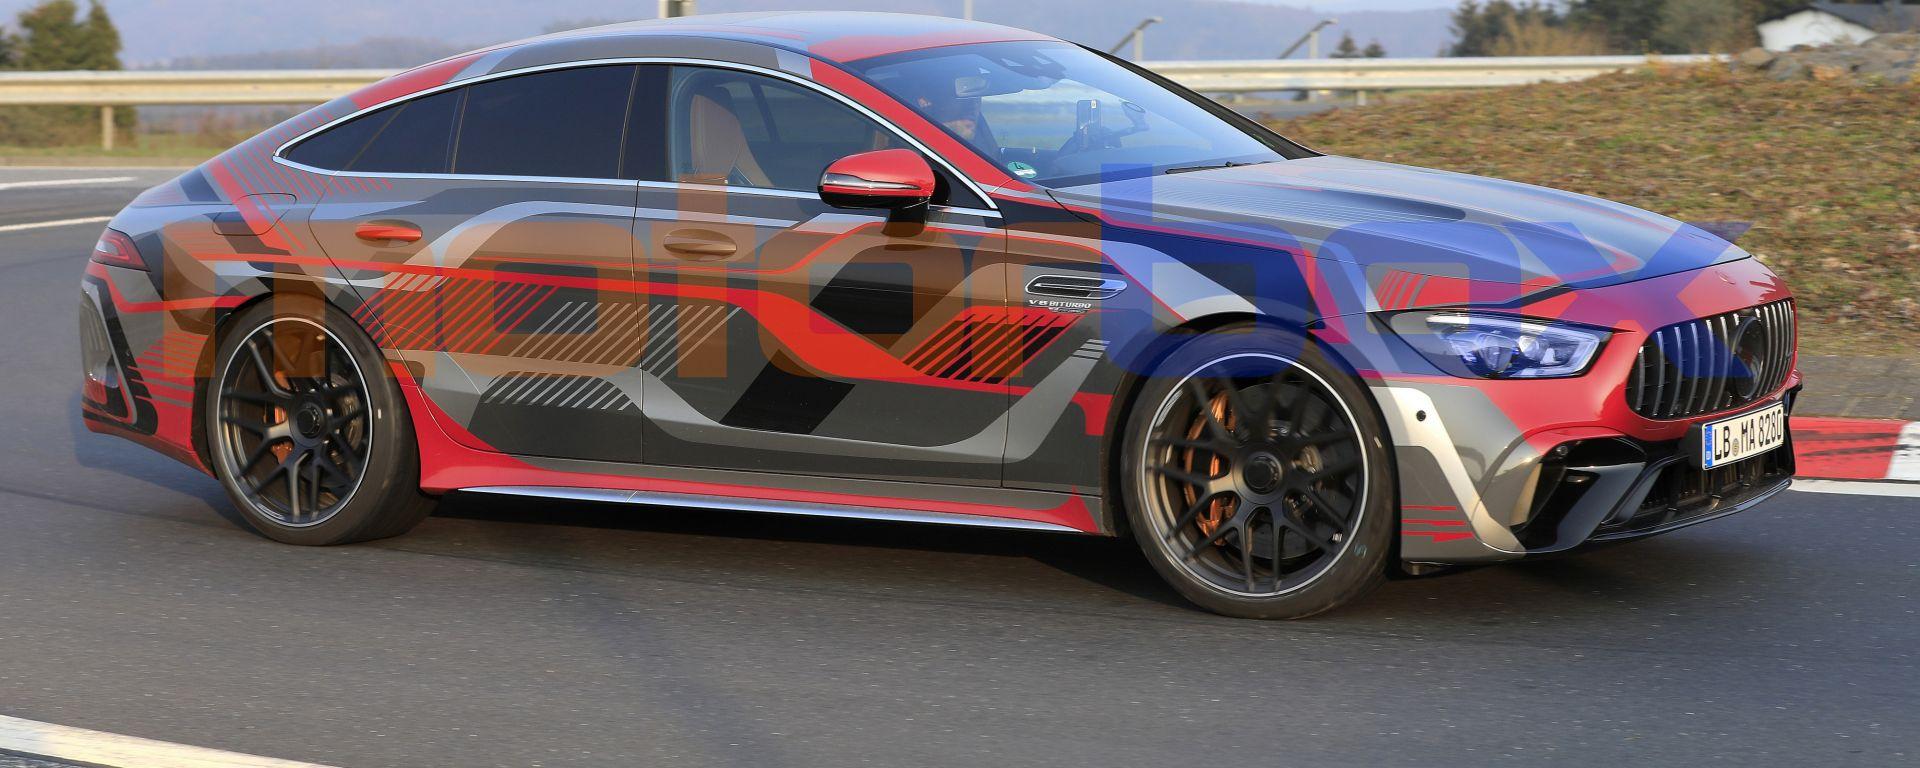 Nuova AMG GT Coupé 4 2021: in arrivo il facelift della sportiva tedesca